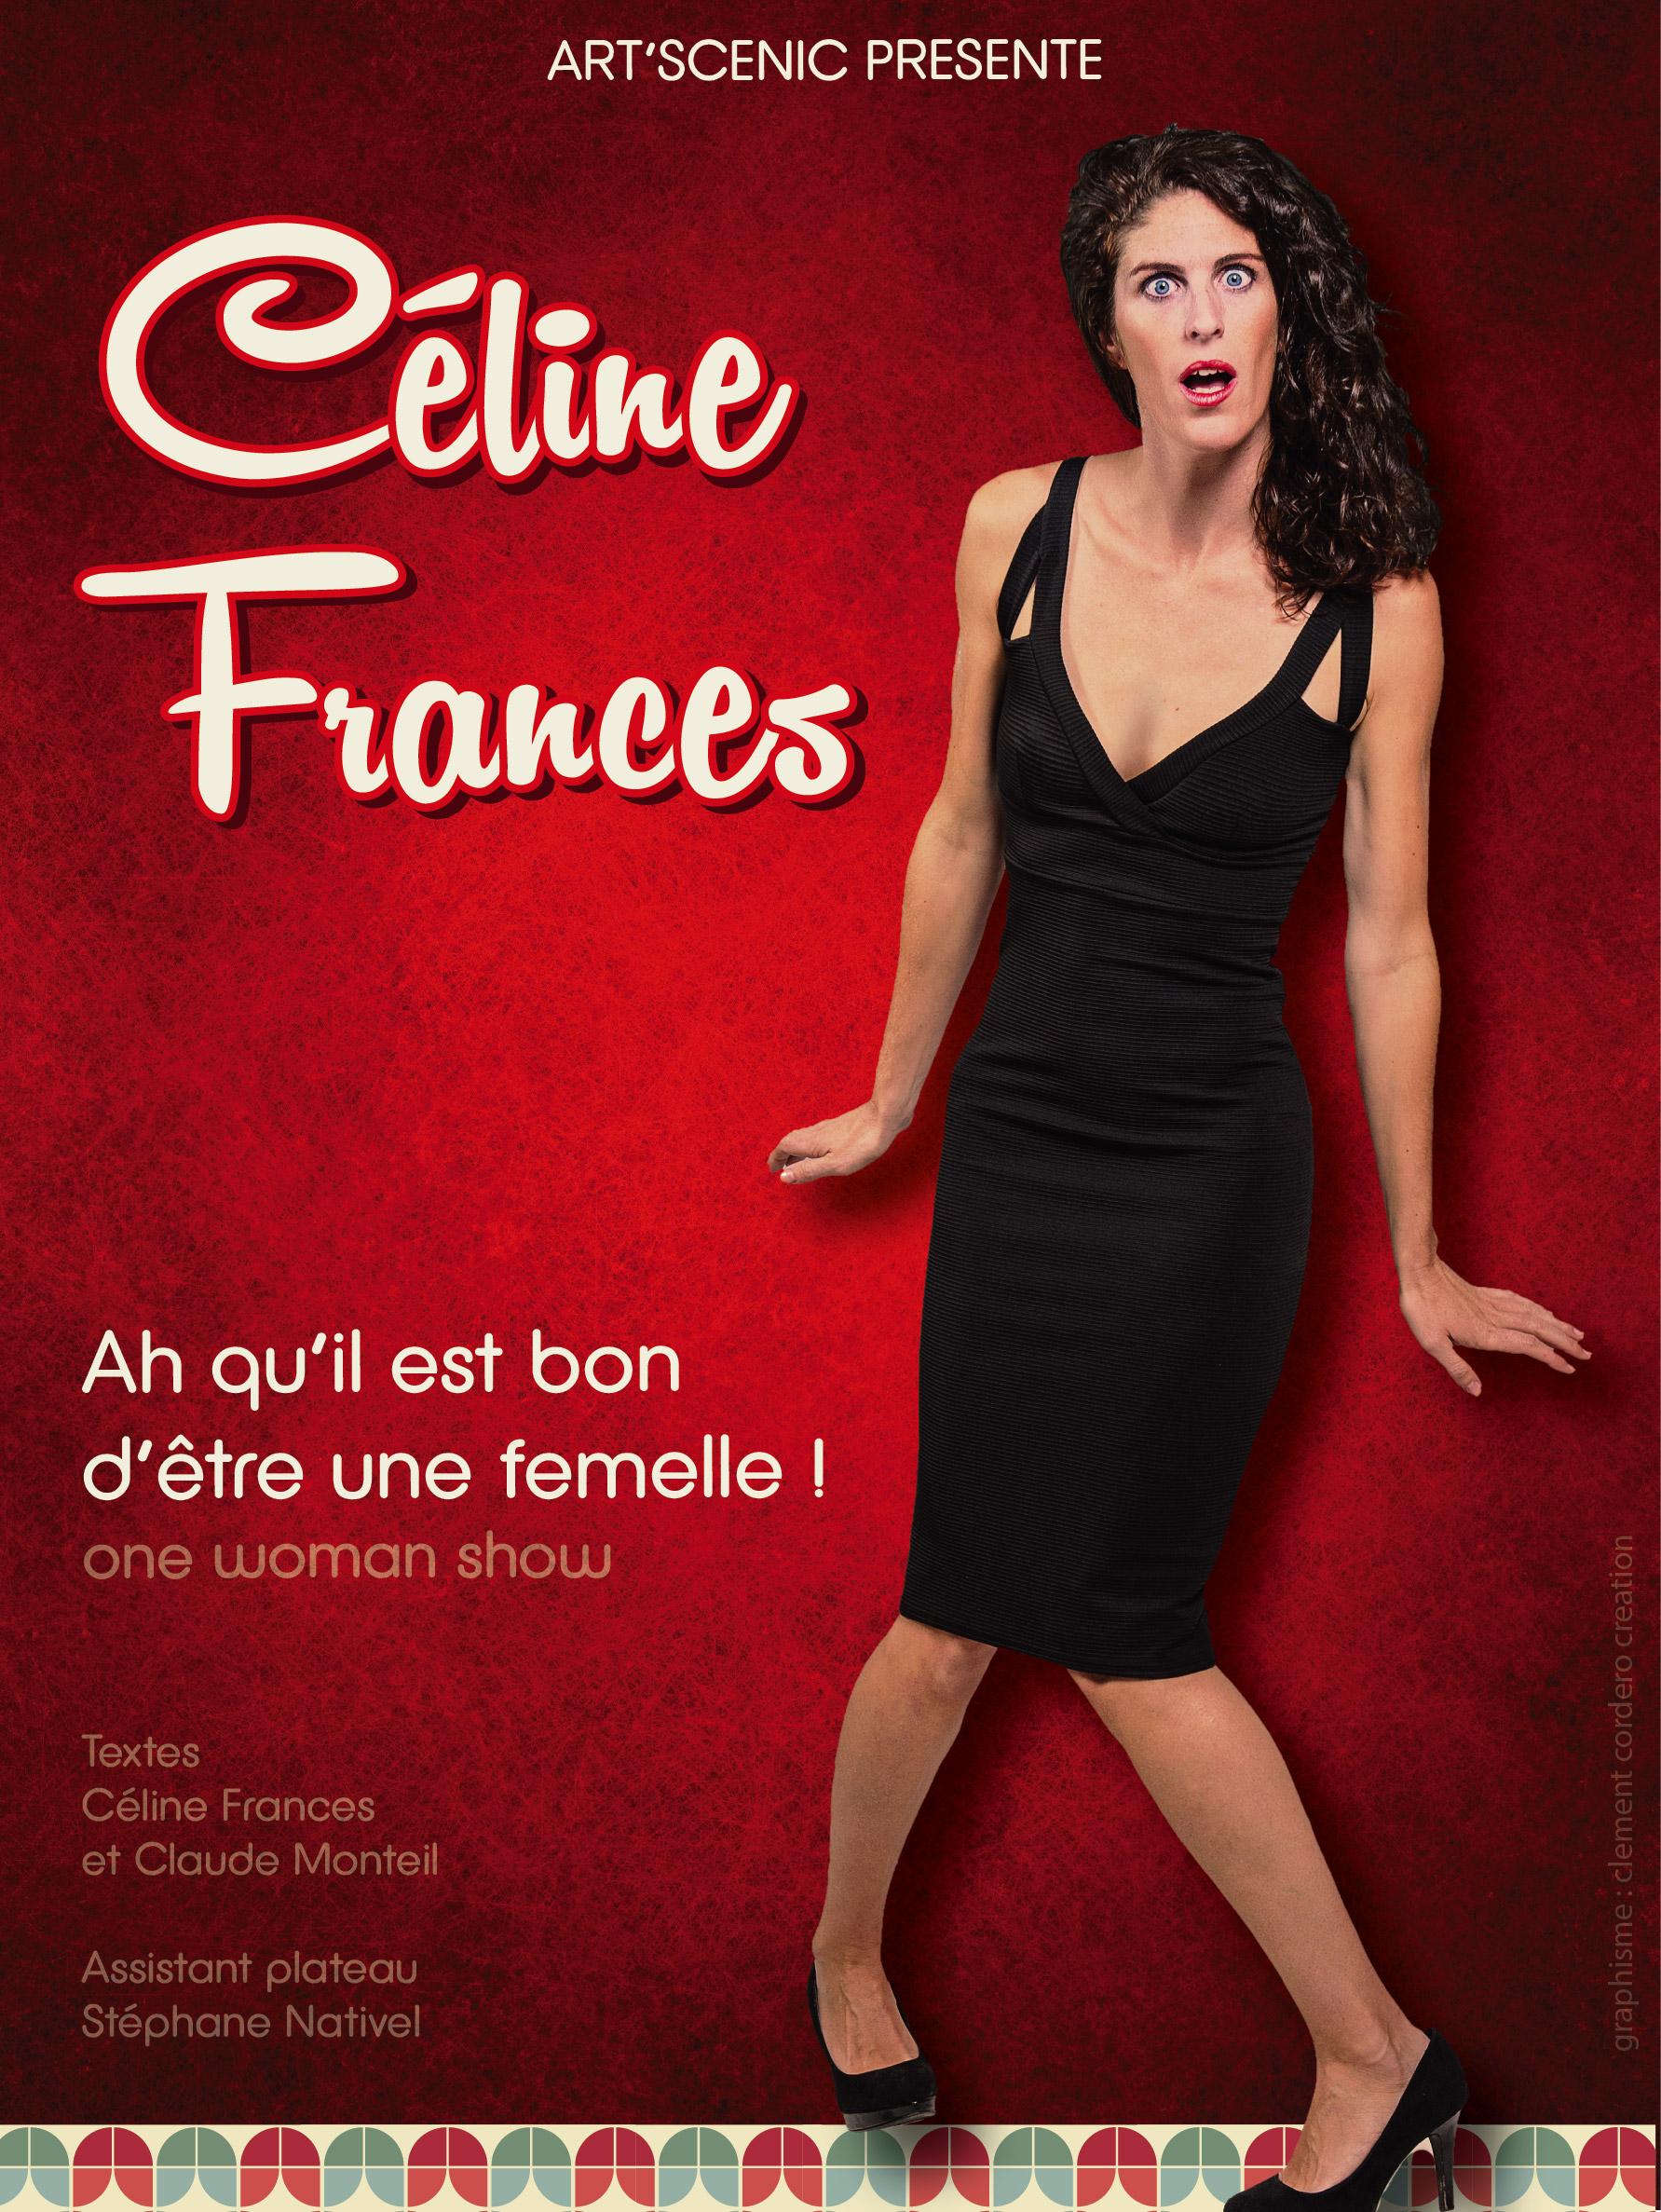 Céline Francès et Claude Monteil dans Ah qu'il est bon d'être une femelle